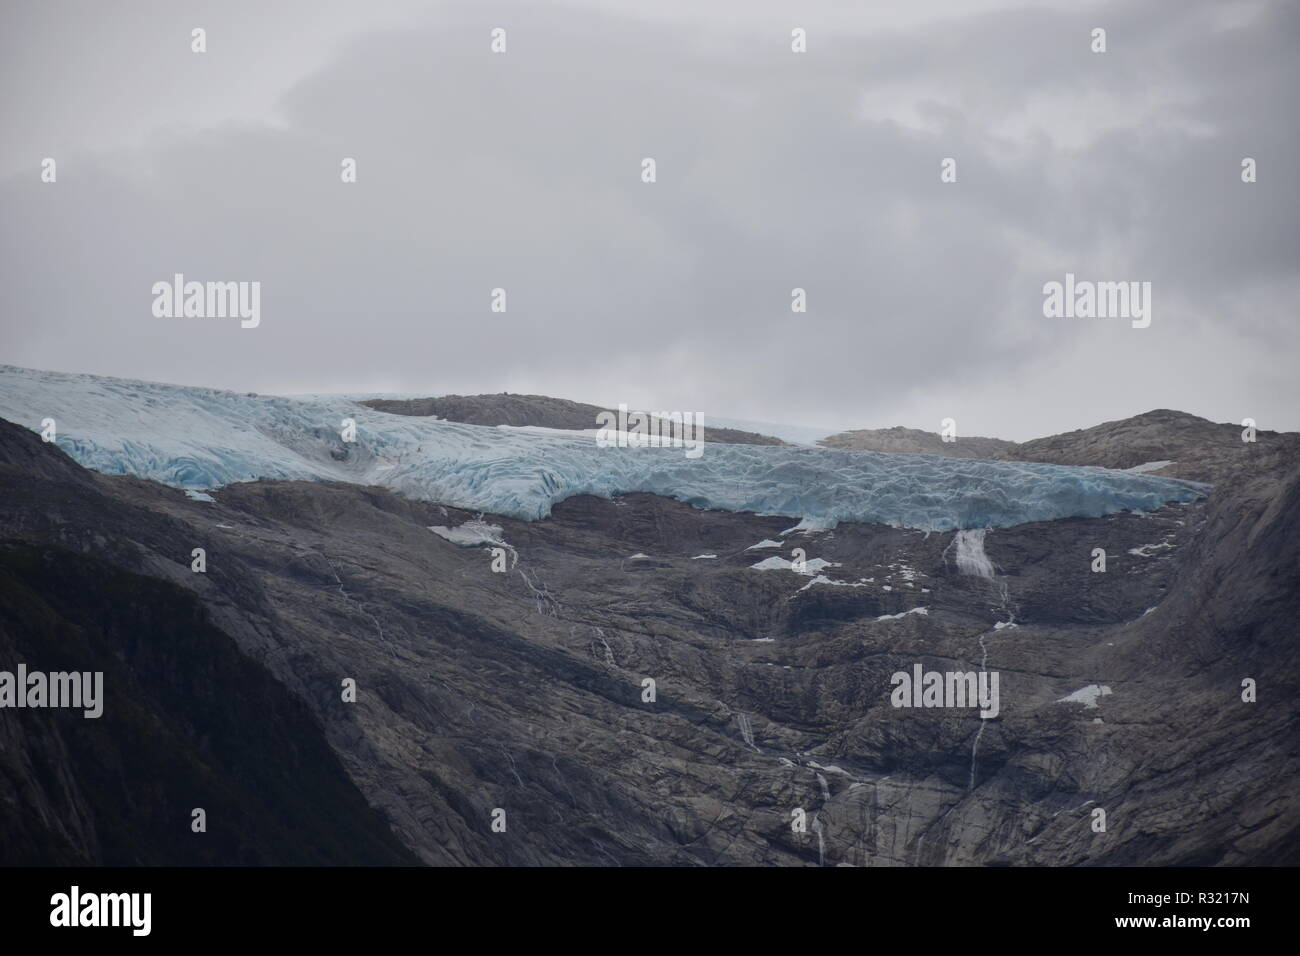 Gletscher, Svartisen, Svartisengletscher, Saltfjellet, Nationalpark, Fjord, Holandsfjorden, Nordfjorden, Schnee, Eis, Eisschicht, kalt, mächtig, Zunge Stock Photo